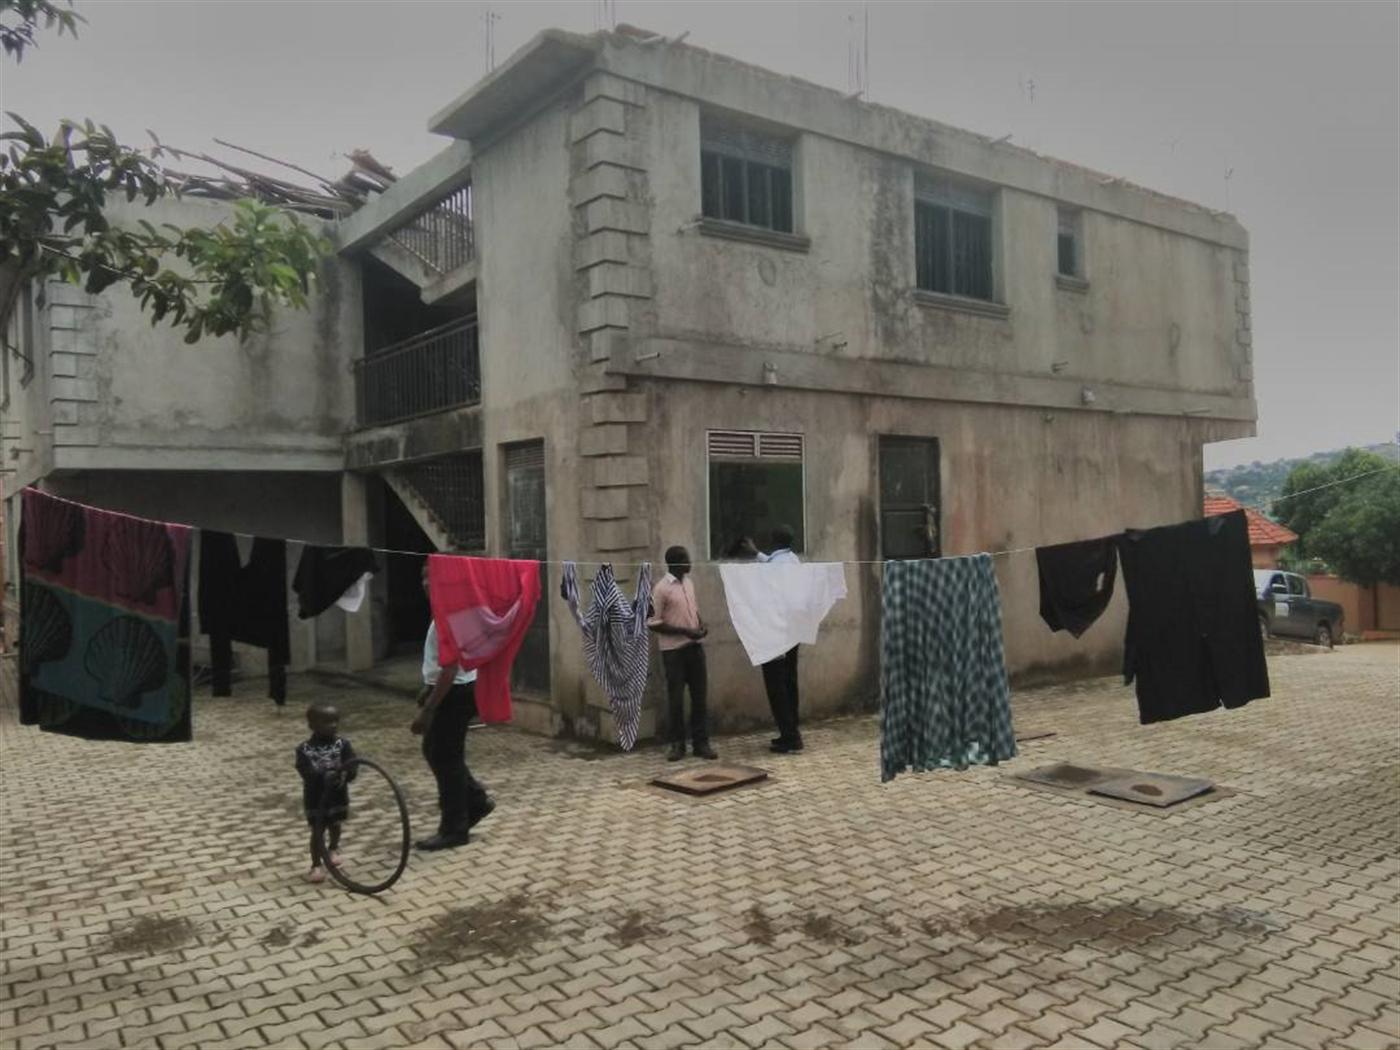 Mansion for sale in Kyengera Masaka